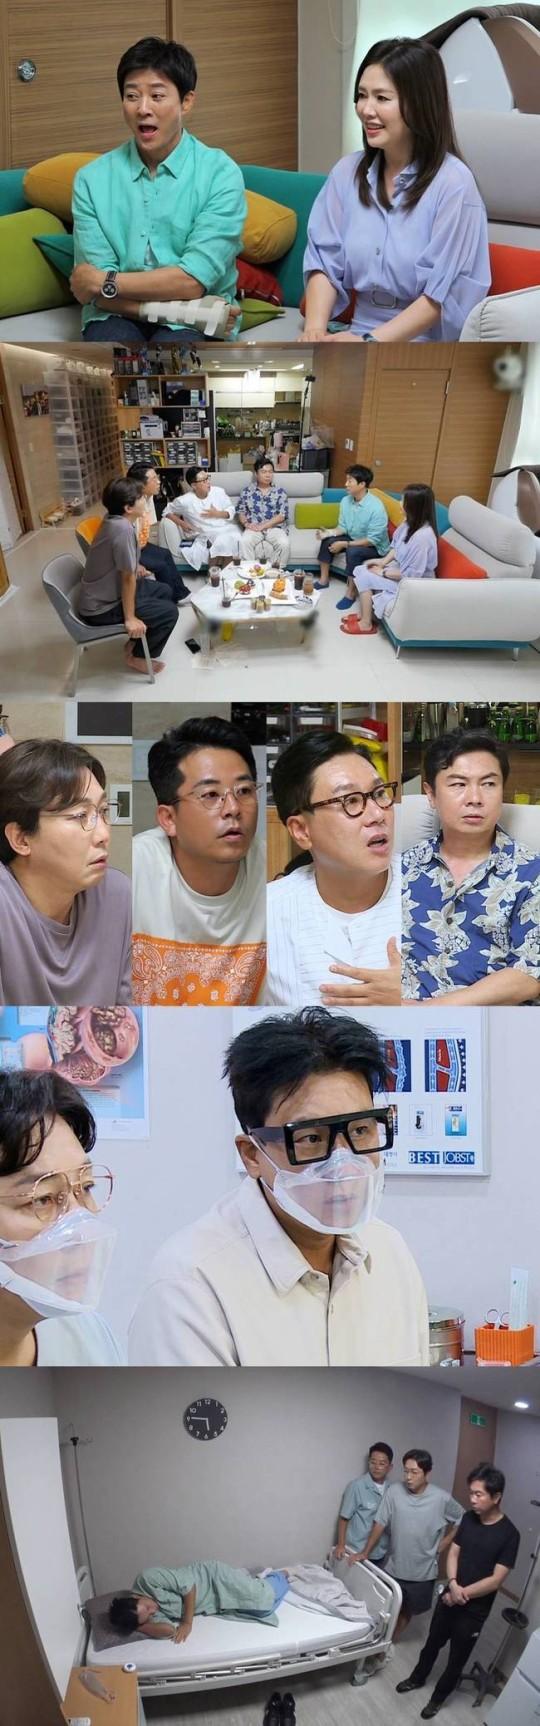 배우 하희라·최수종 부부가 결혼 28년 만에 역대급 위기를 맞은 사연을 공개한다. /사진=SBS 제공